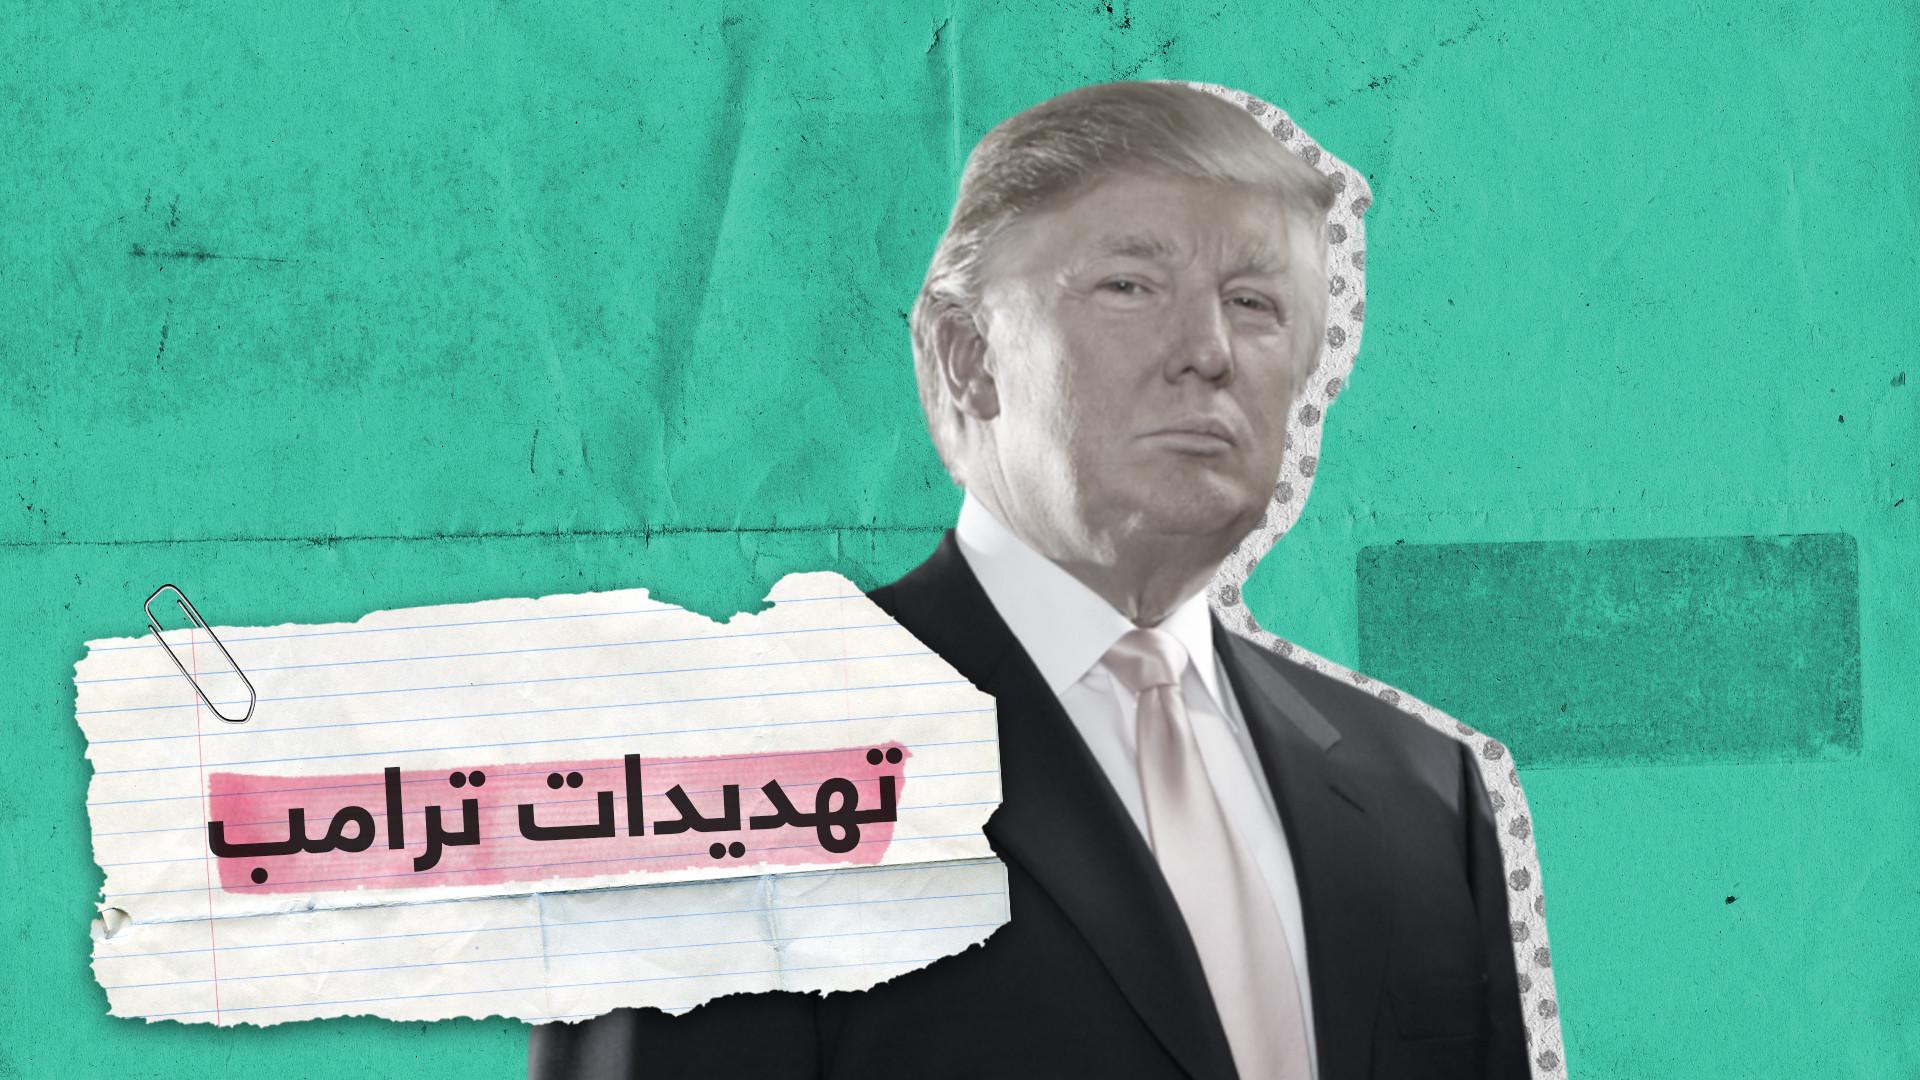 ترامب هدد أكثر من 30 دولة في 30 يوما!